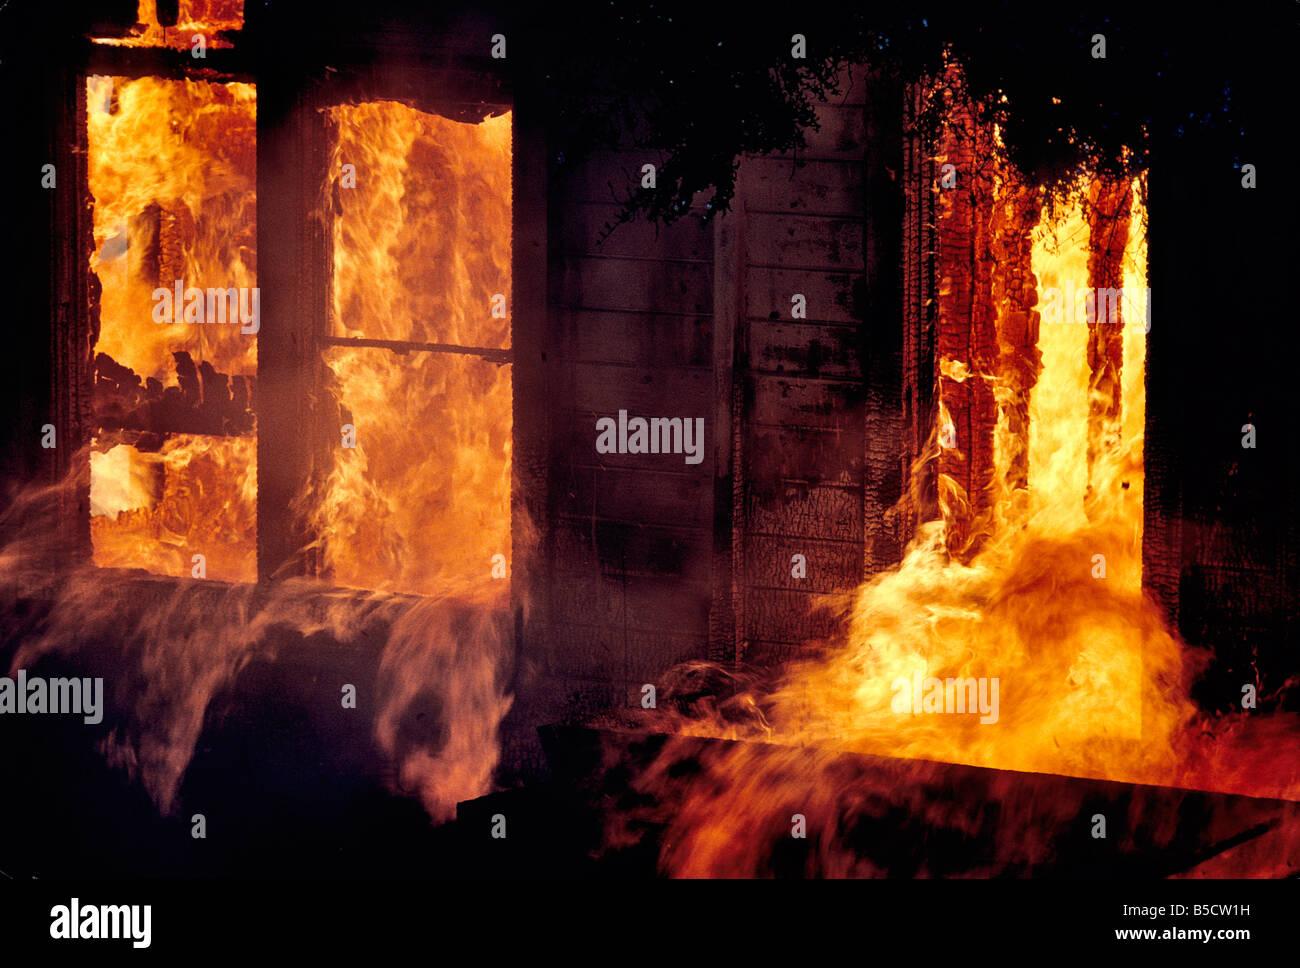 Inferno, engulfed window frames. - Stock Image